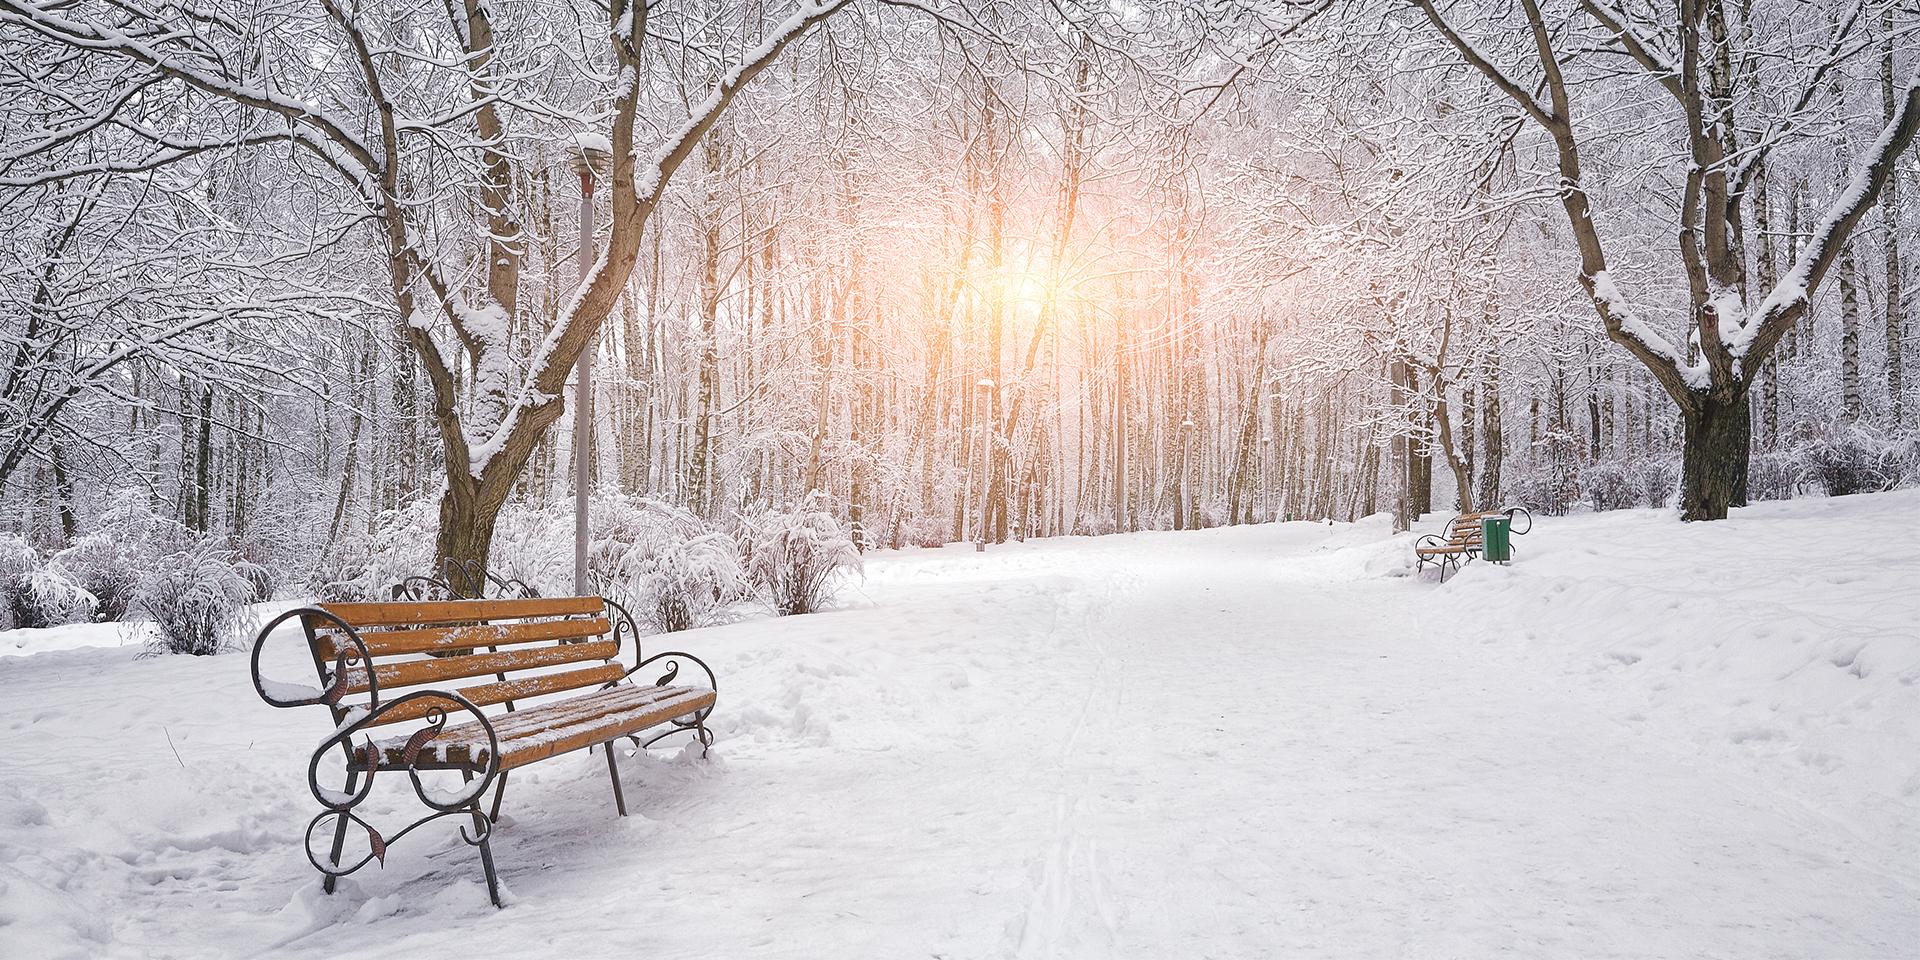 Công viên trắng tuyết vào mùa đông lạnh lẽo